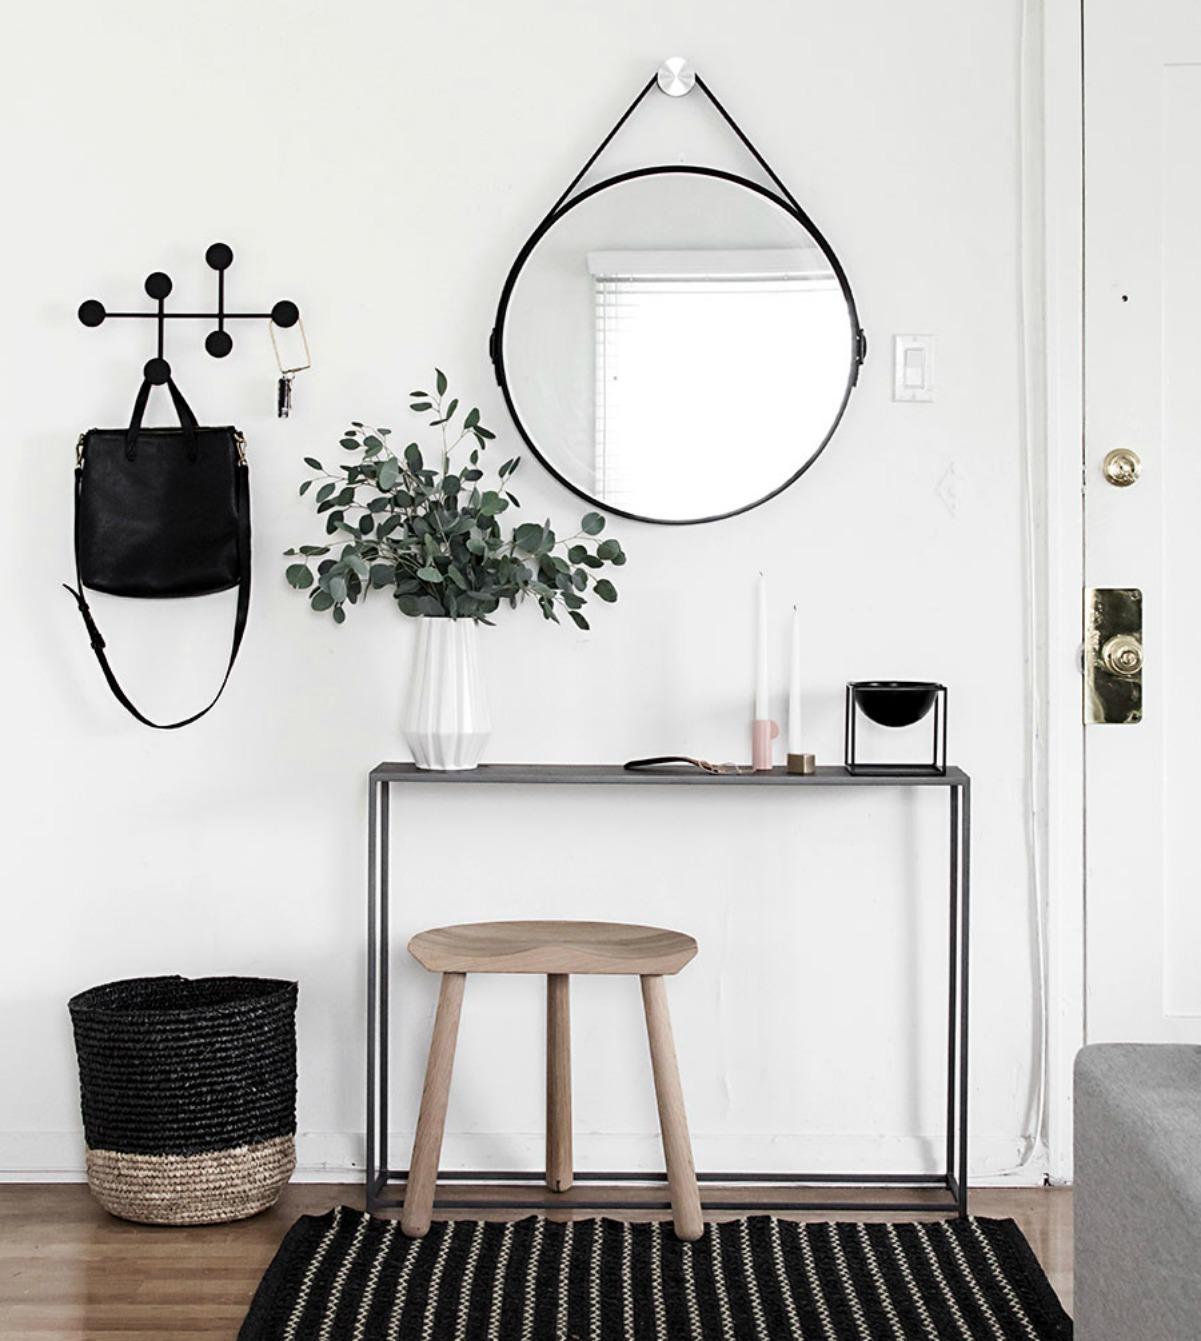 Las mejores ideas para decorar la entrada de la casa - Decorar casa estilo nordico ...